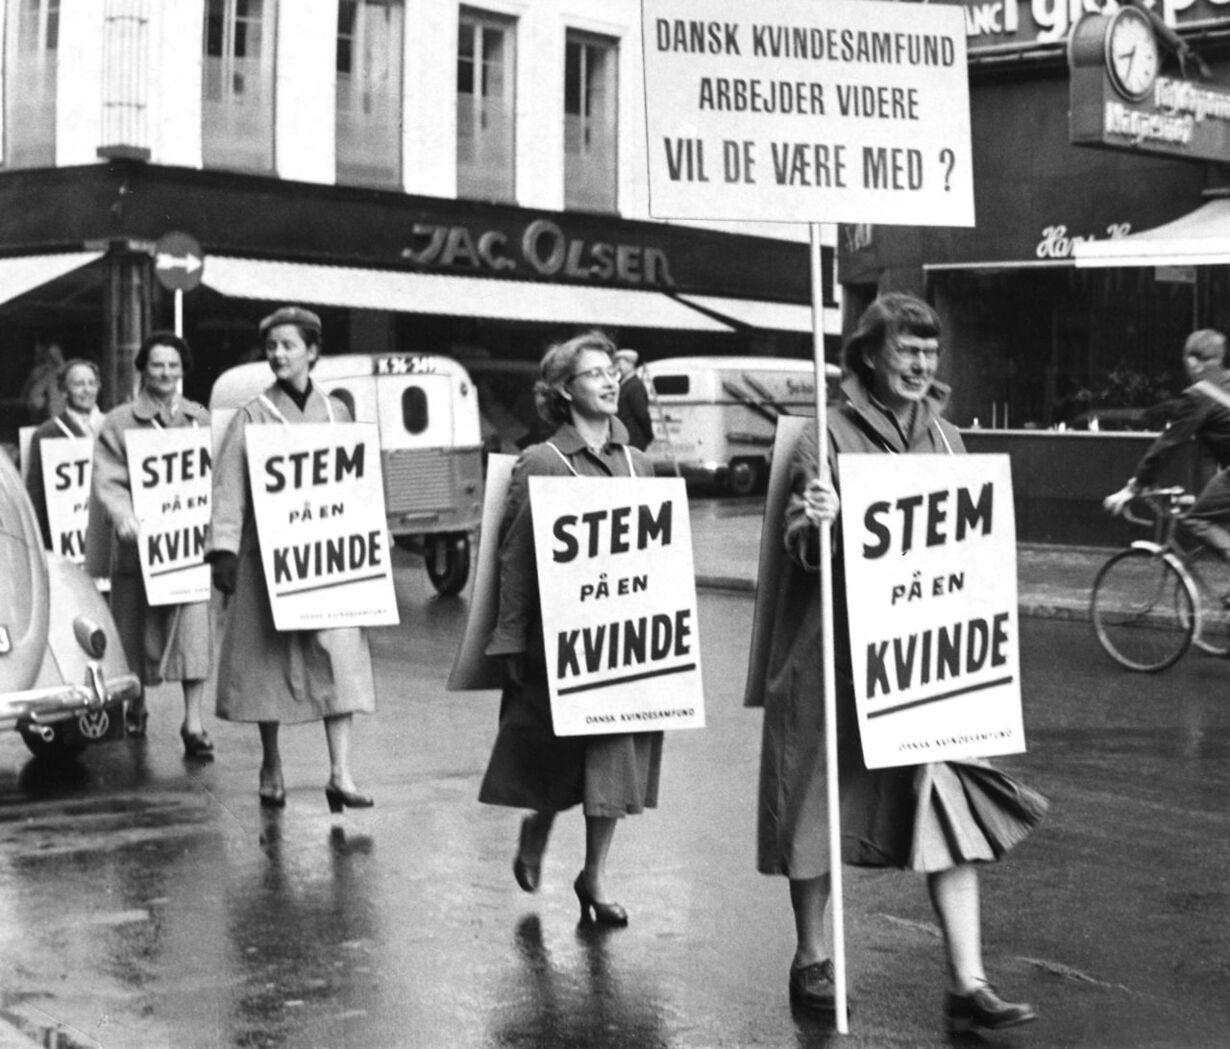 Dansk kvindesamfund demonstrerer